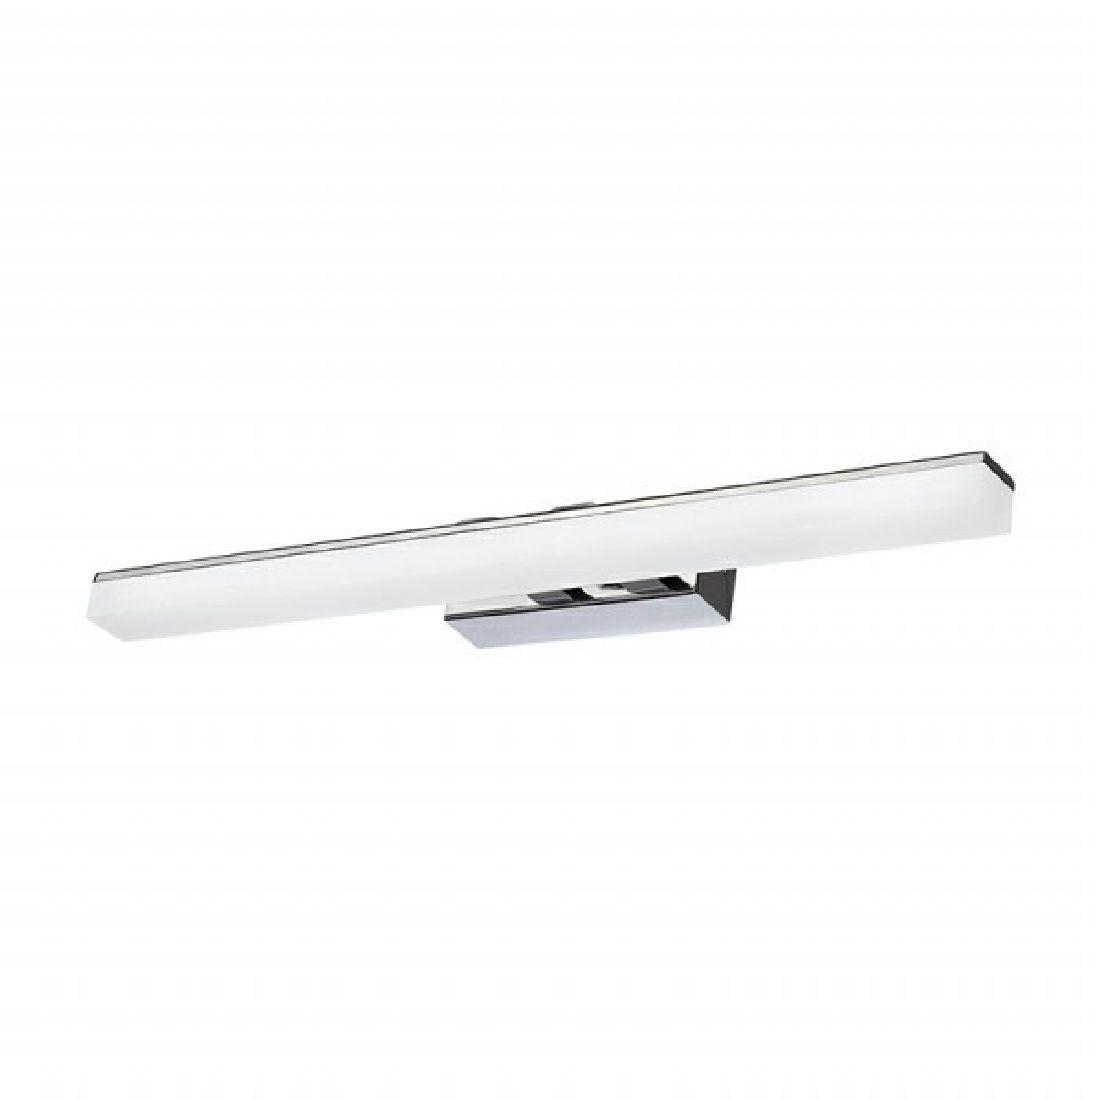 Luminária Arandela Led Para Espelho Banheiro Lavabo Quadro Cozinha Maquiagem Camarim